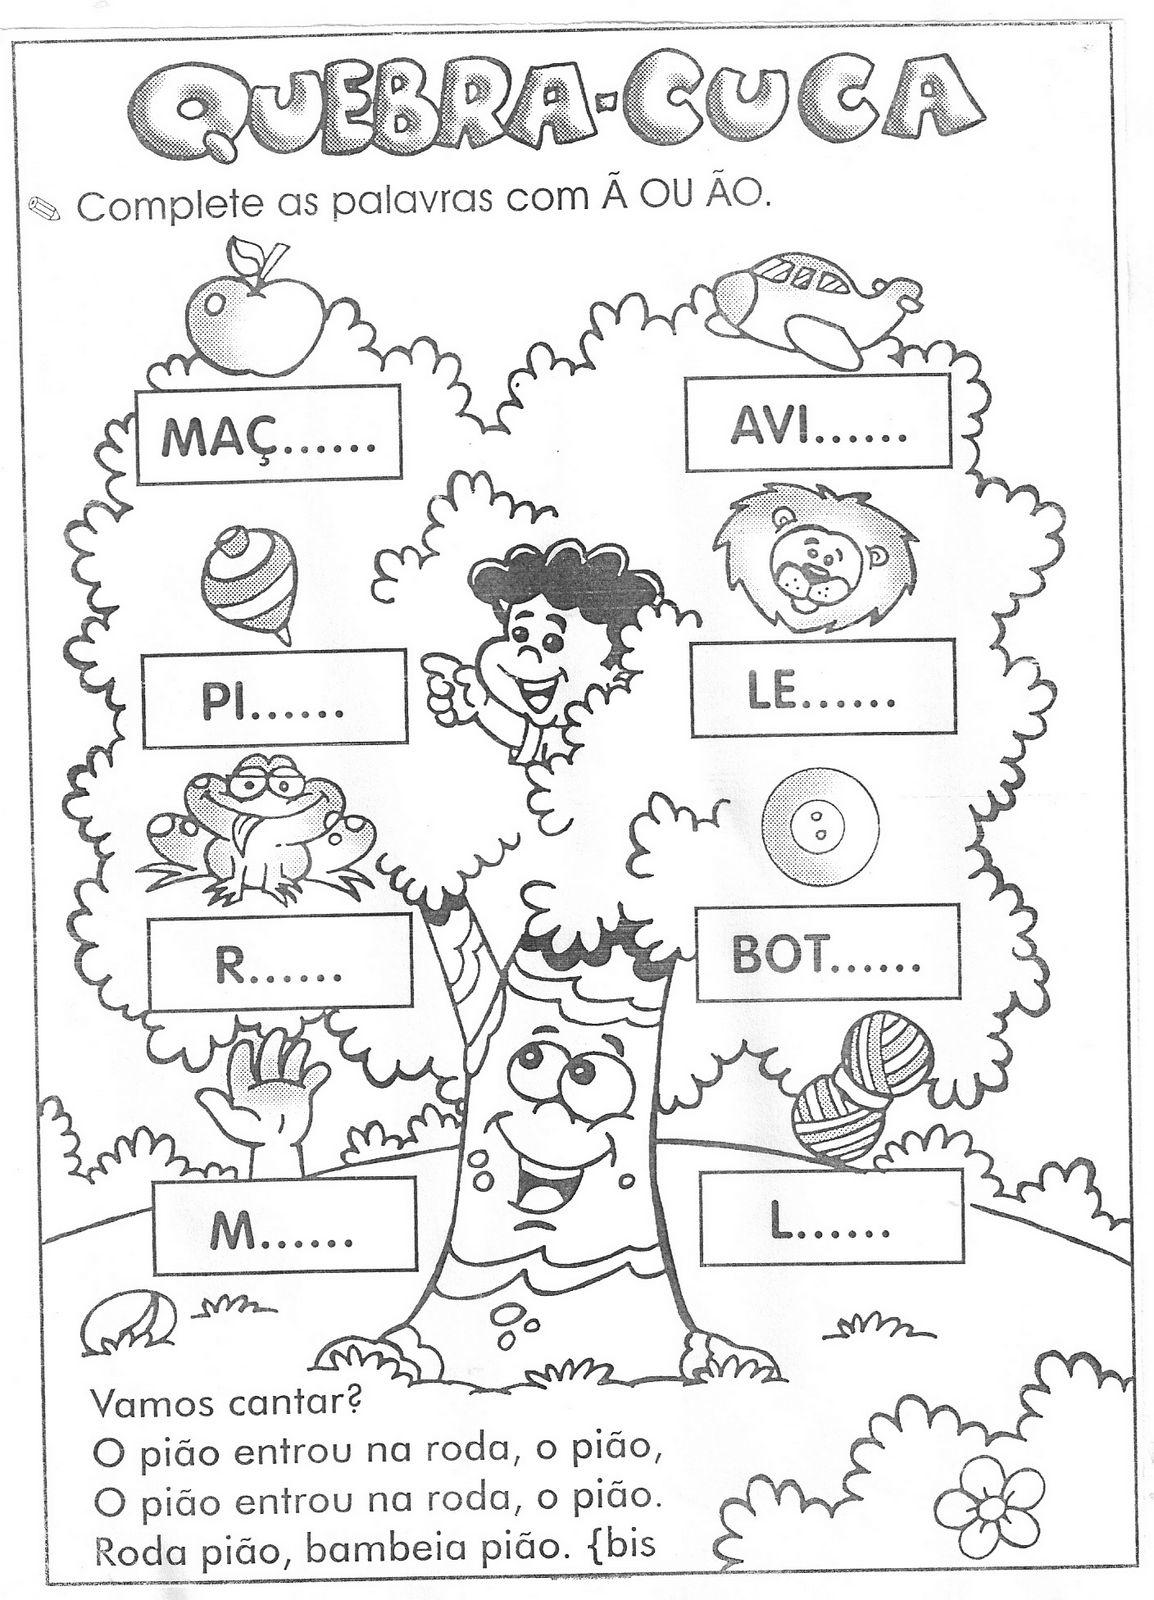 Preferência Atividades Para Alfabetizar | Cantinho do Educador Infantil BU69